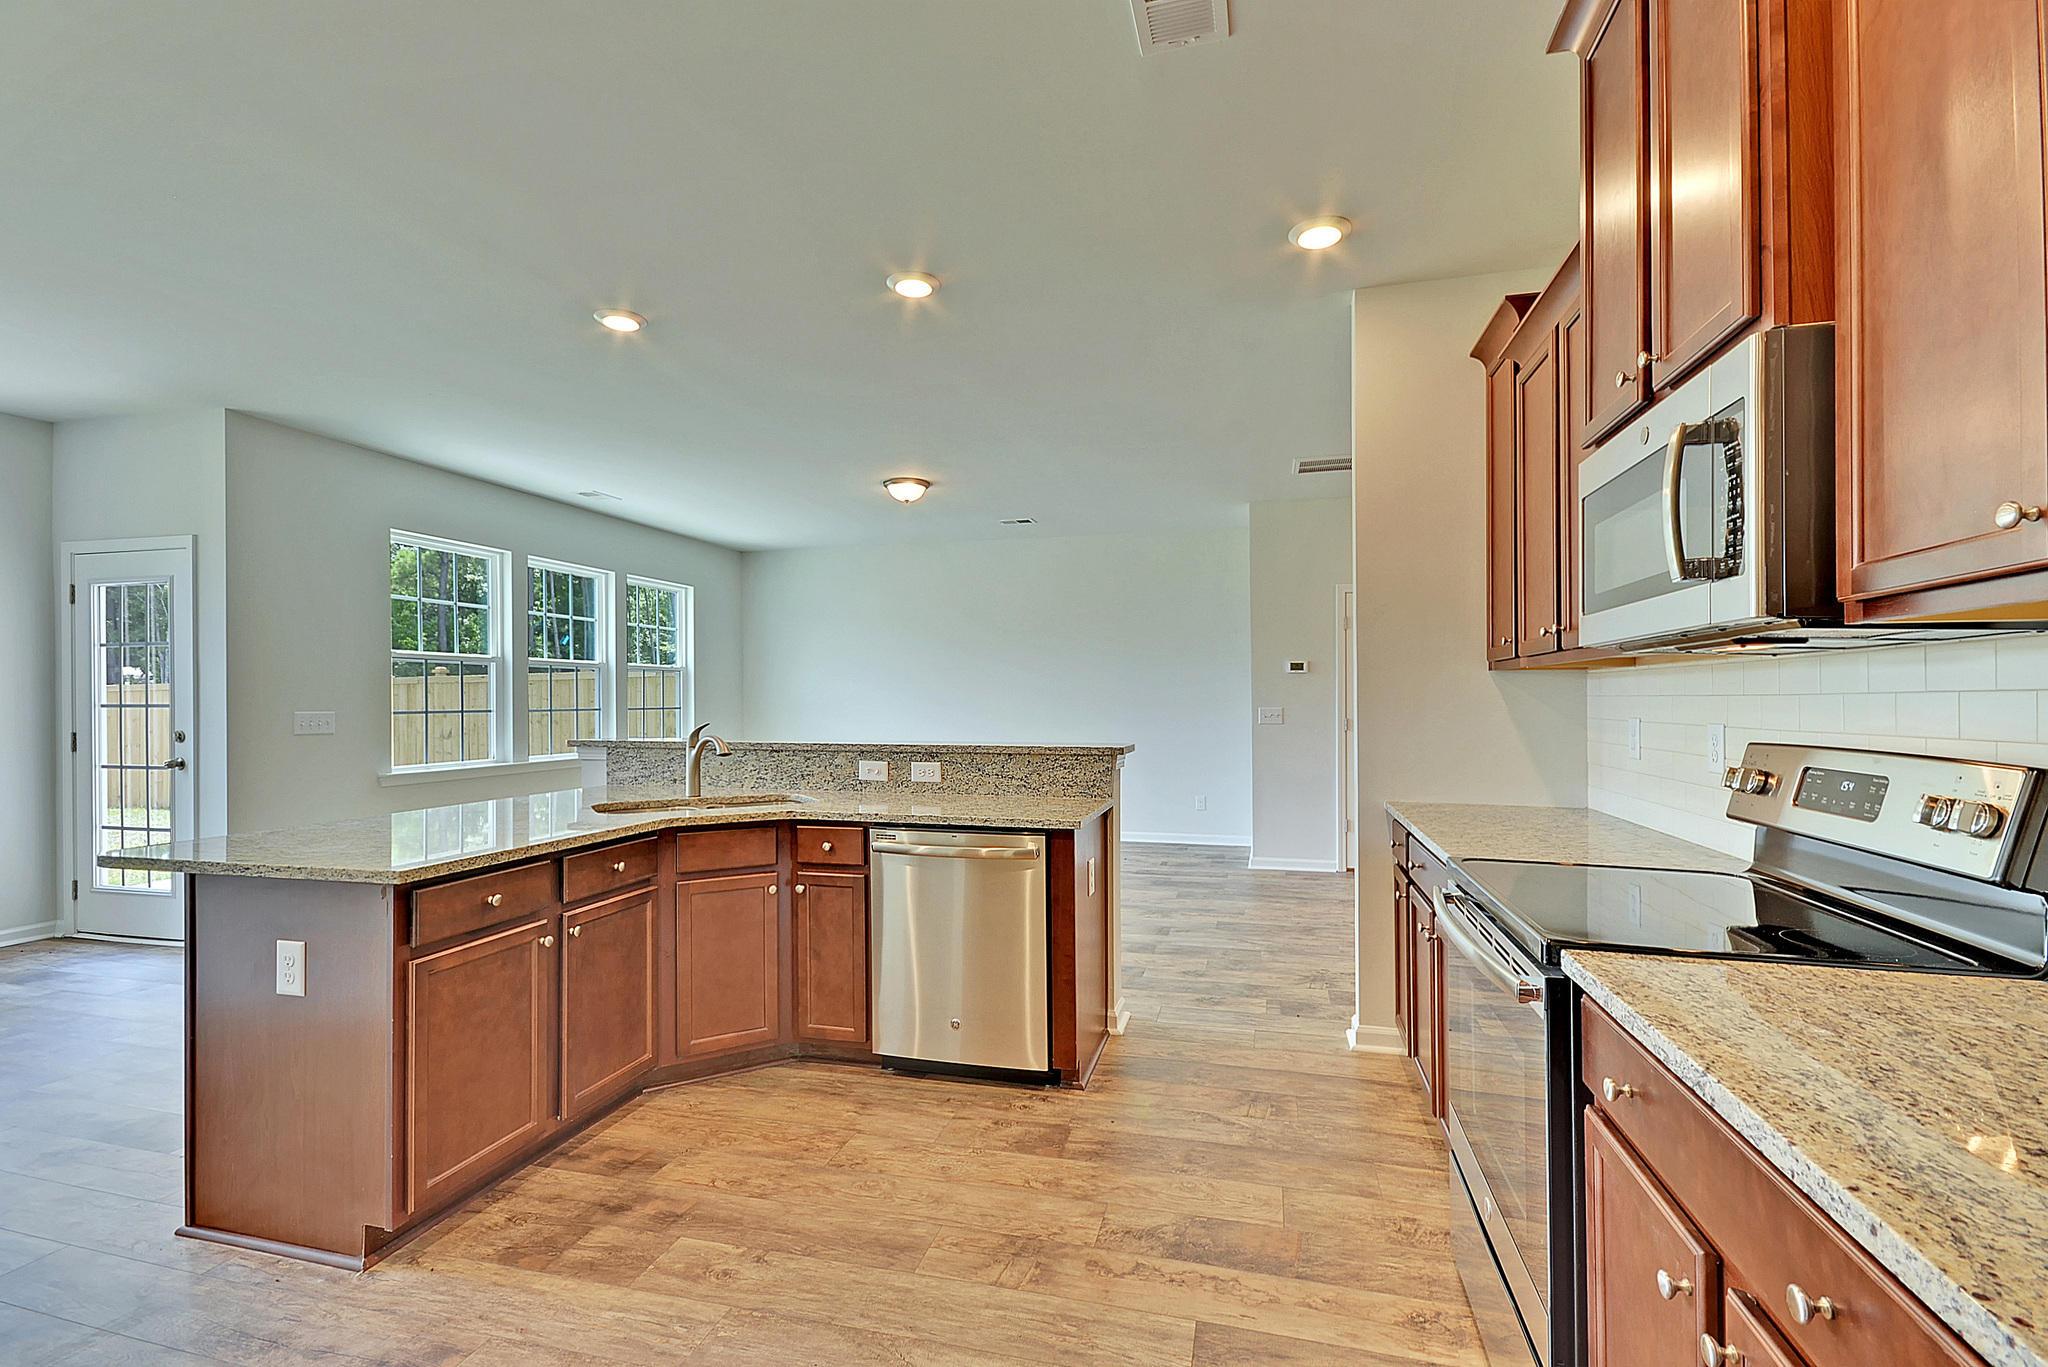 Park West Homes For Sale - 3049 Caspian, Mount Pleasant, SC - 0